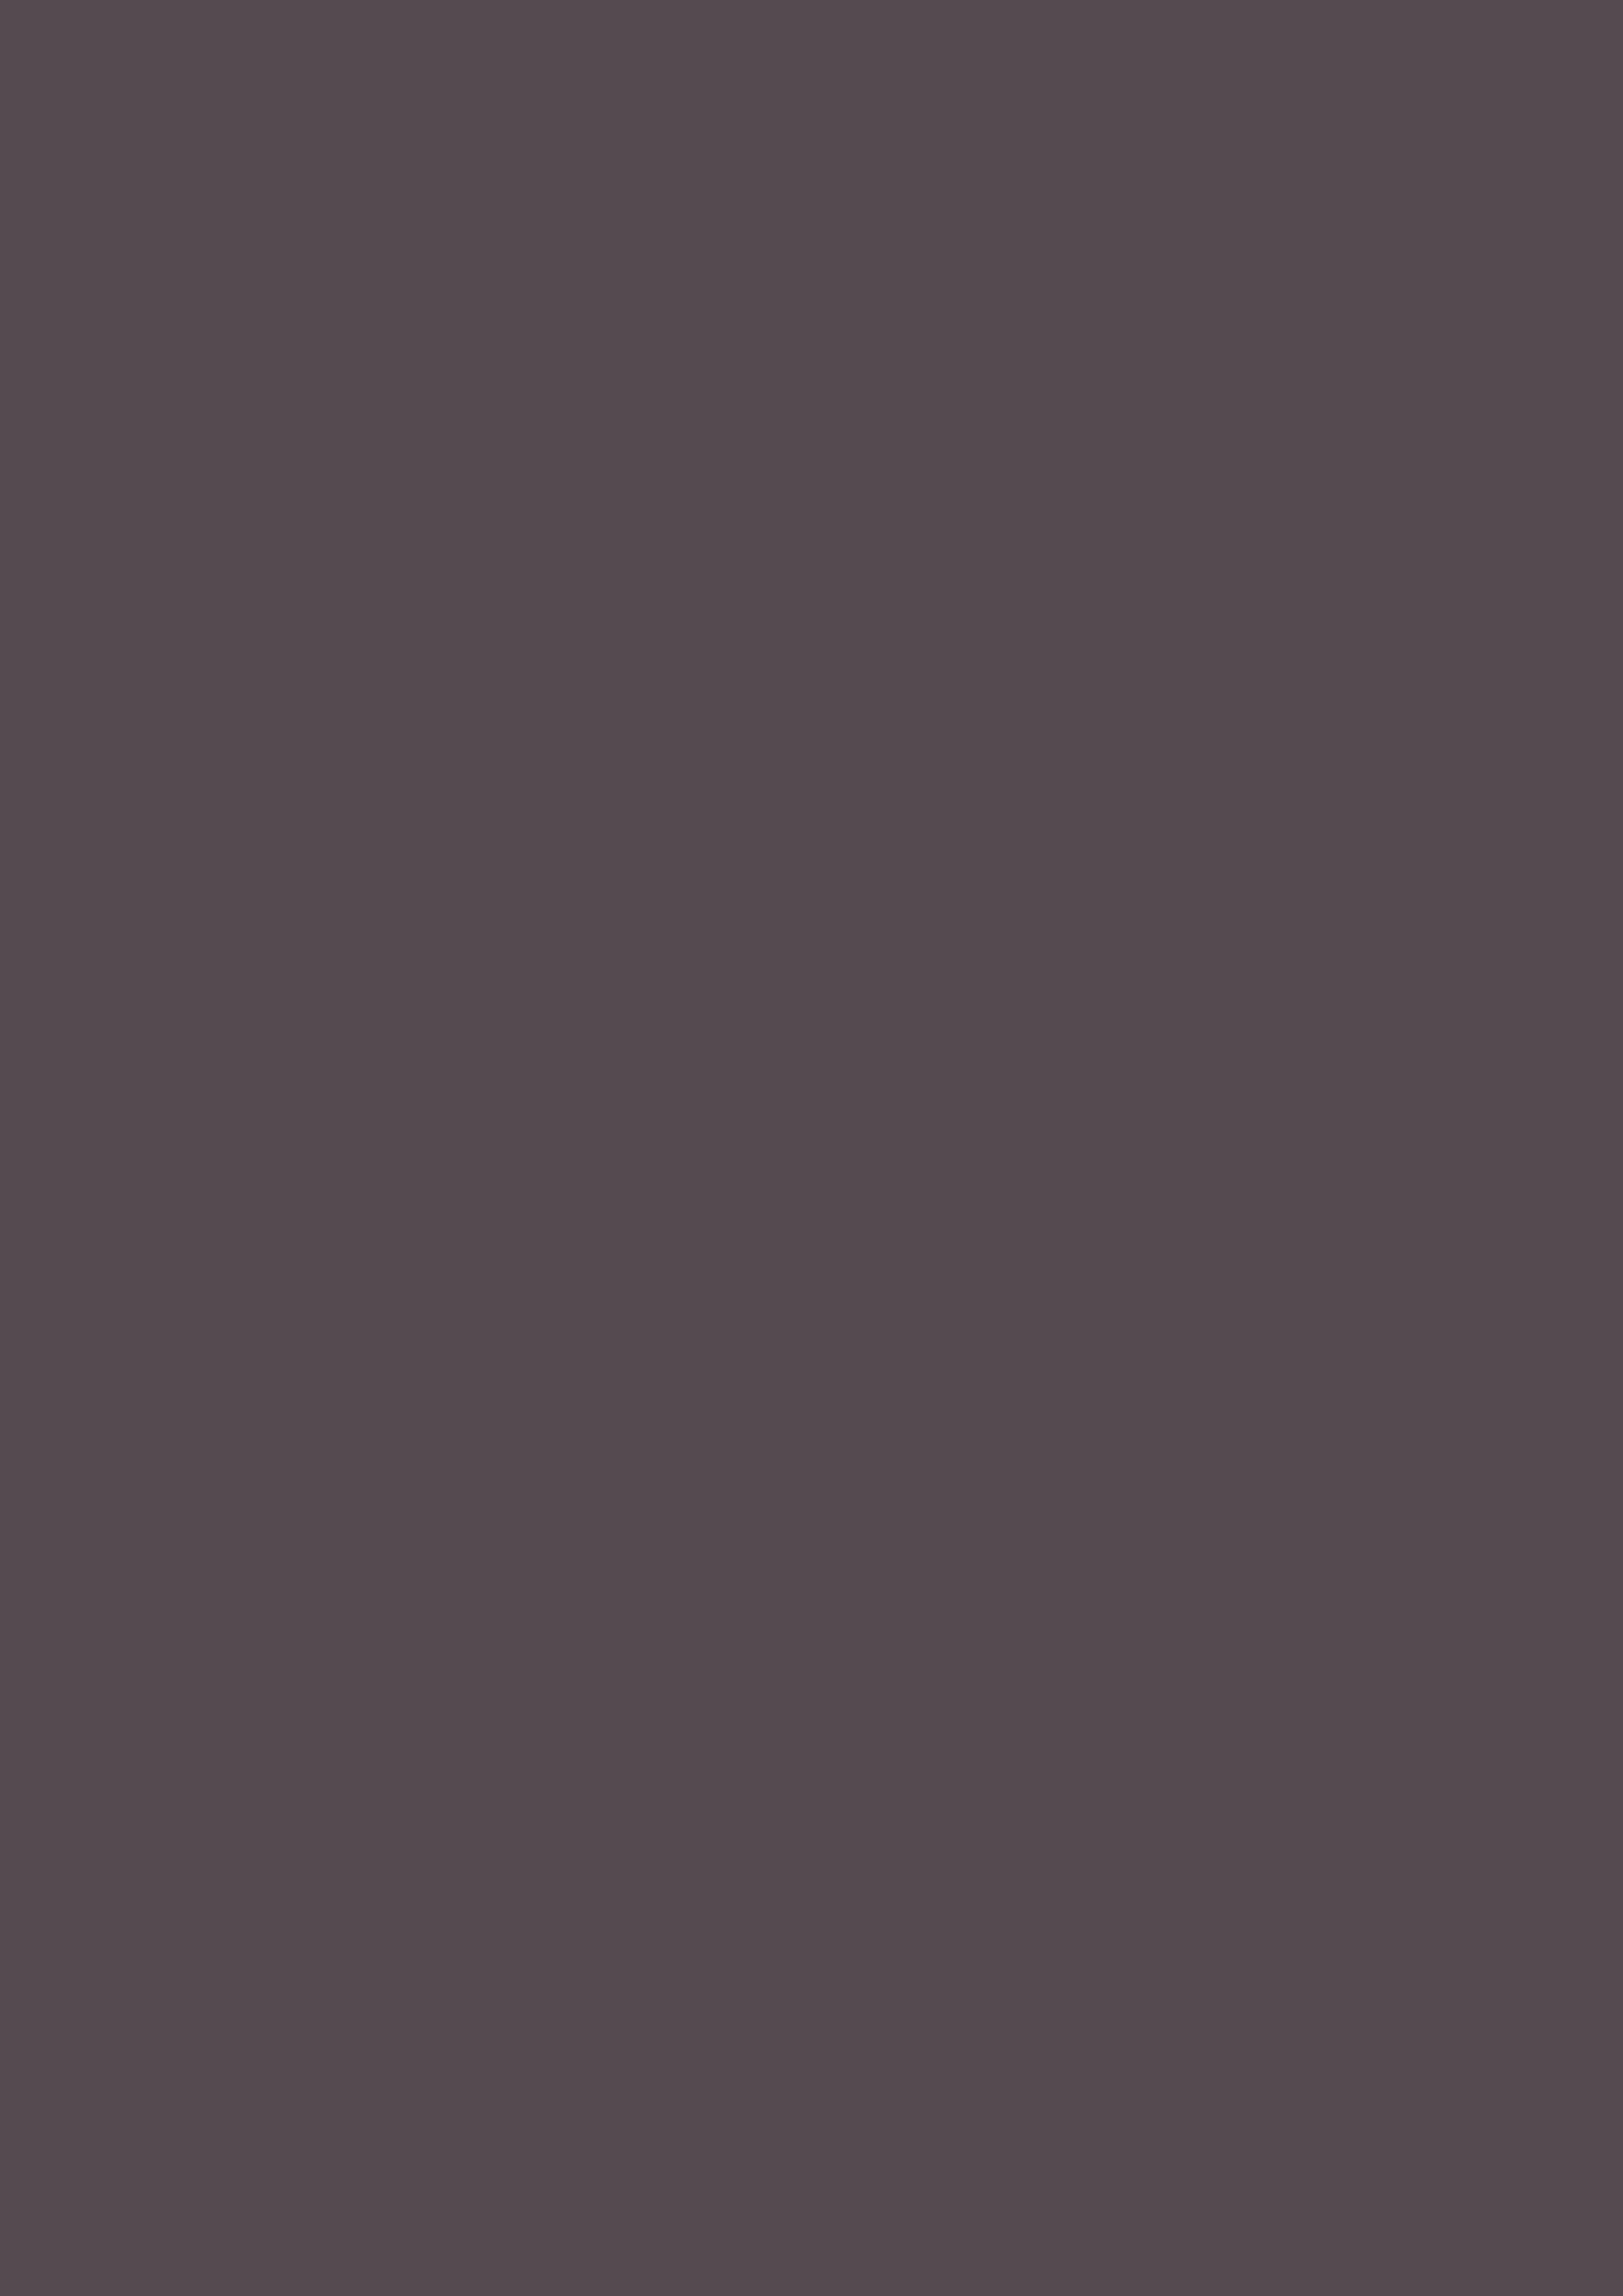 2480x3508 Dark Liver Solid Color Background